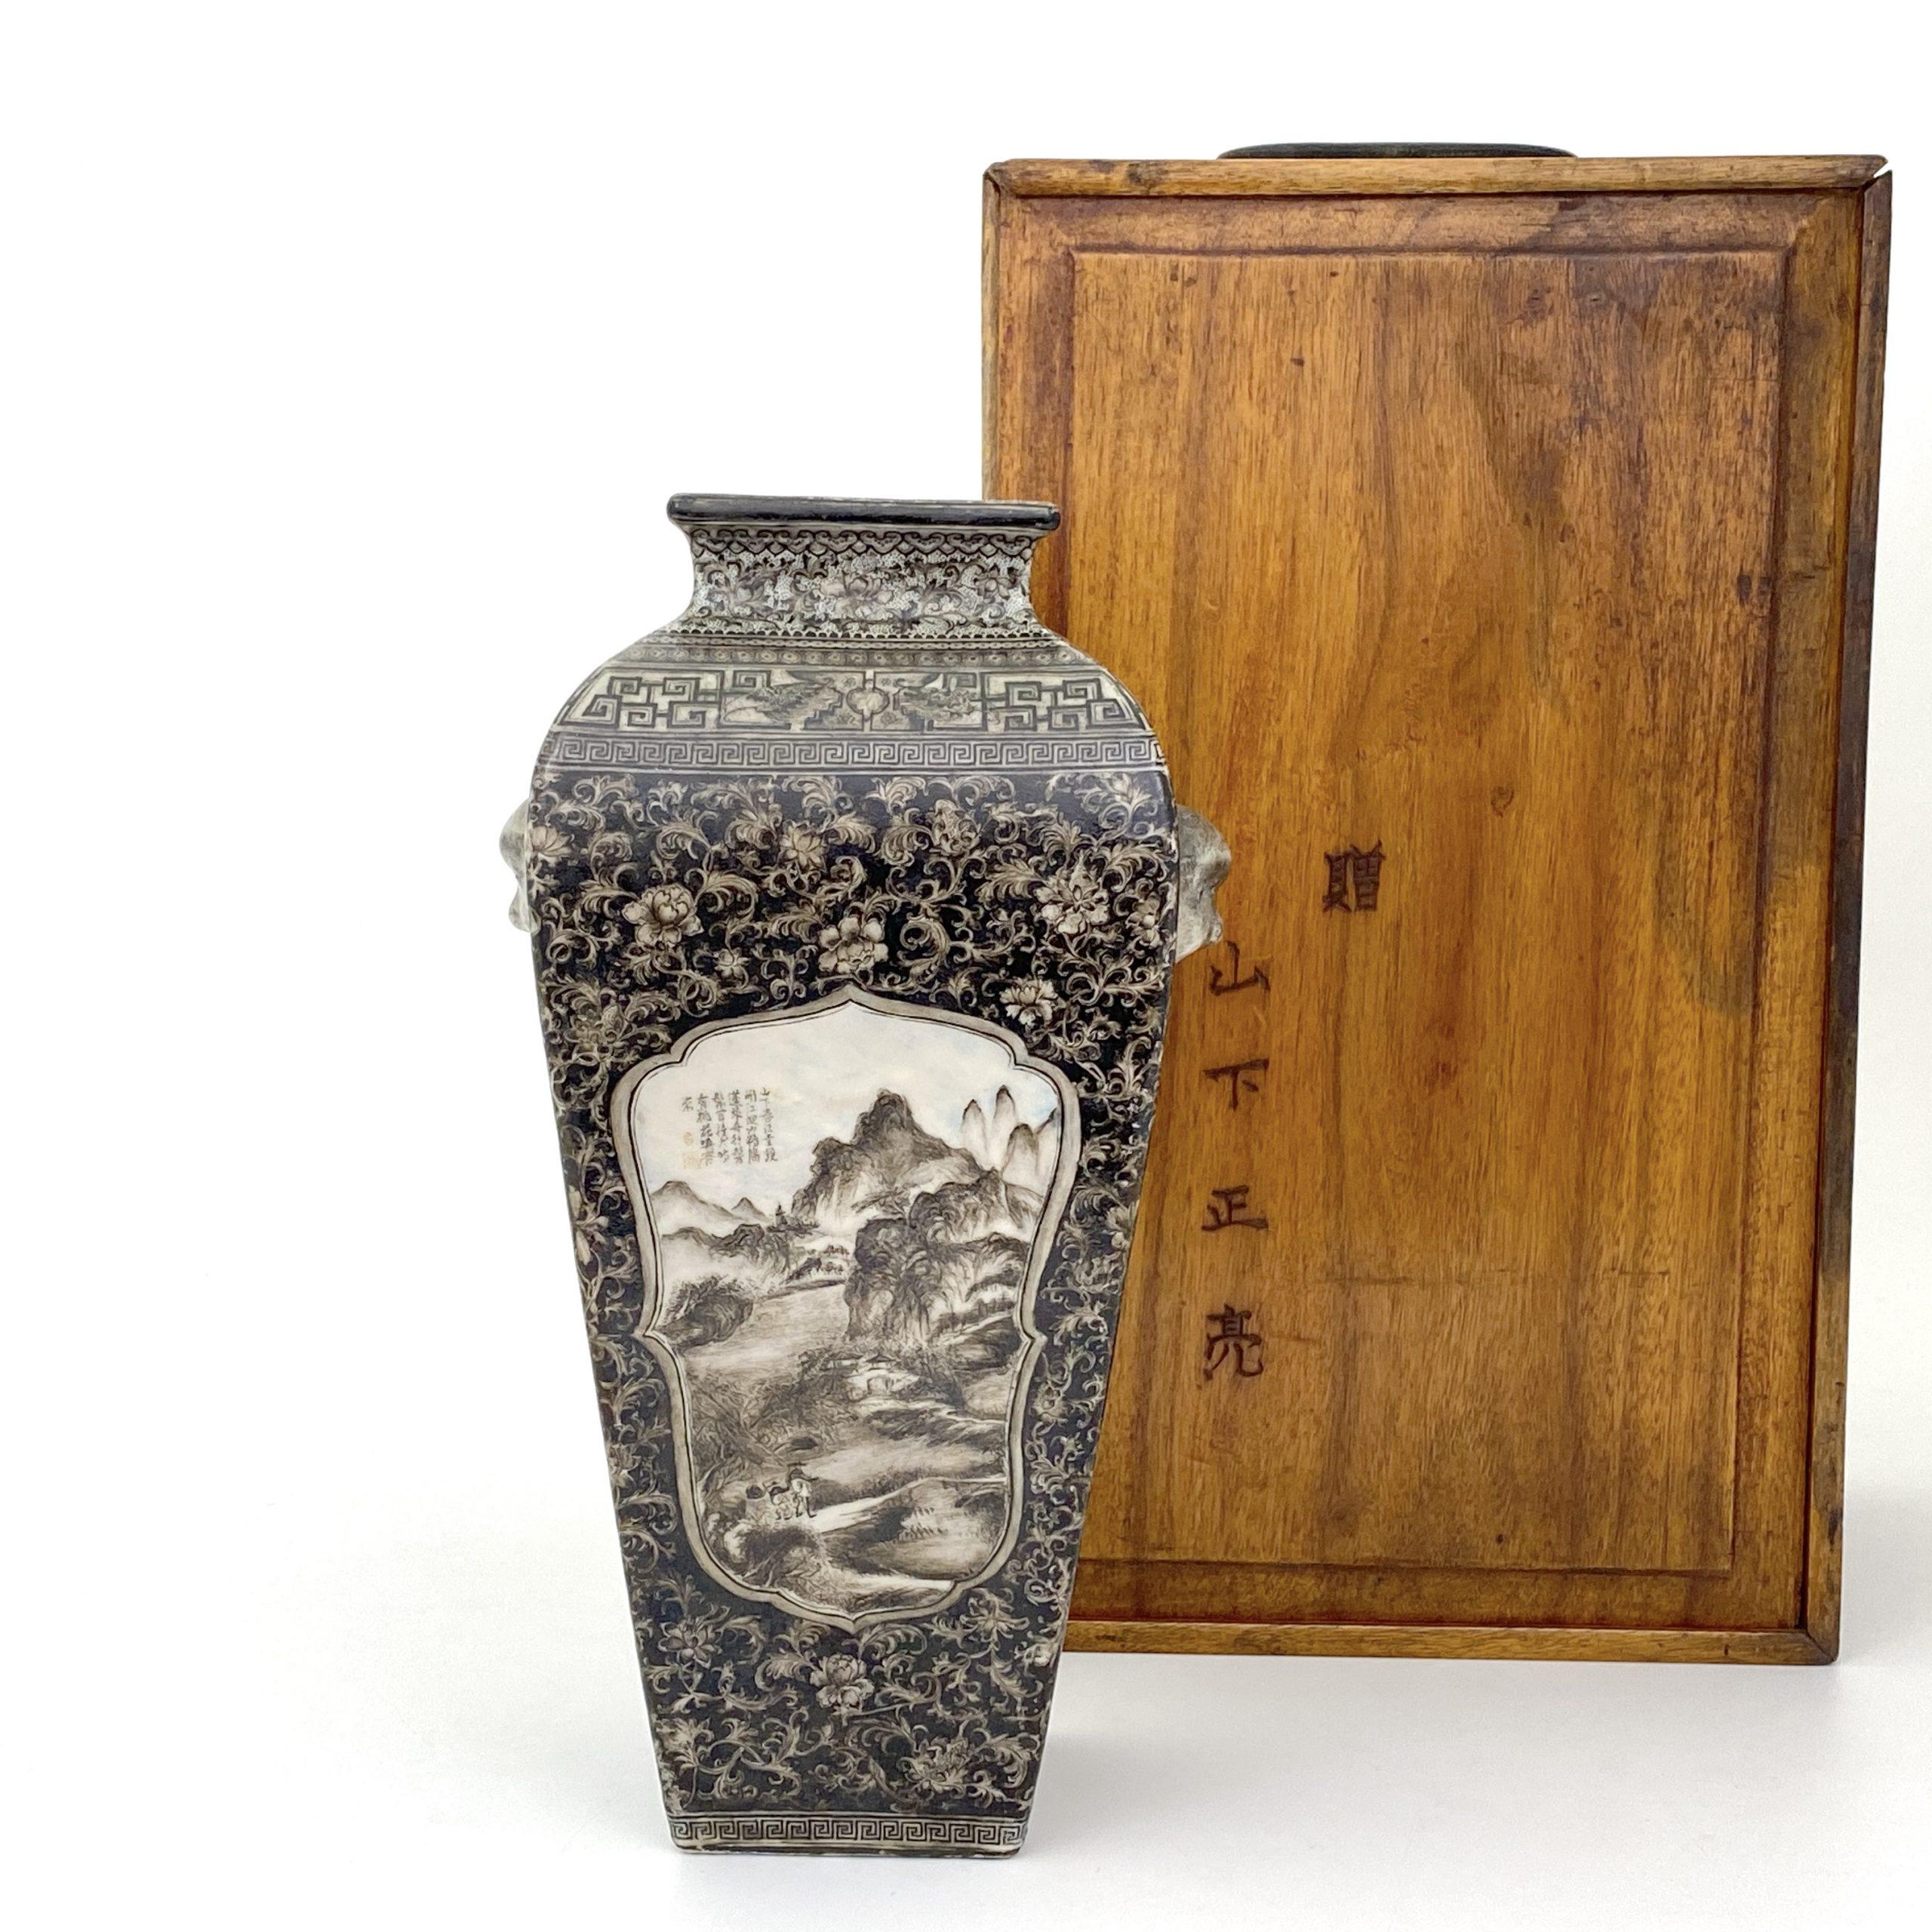 21241清「大清乾隆年製」款 墨彩 山水人物図 獅耳瓶